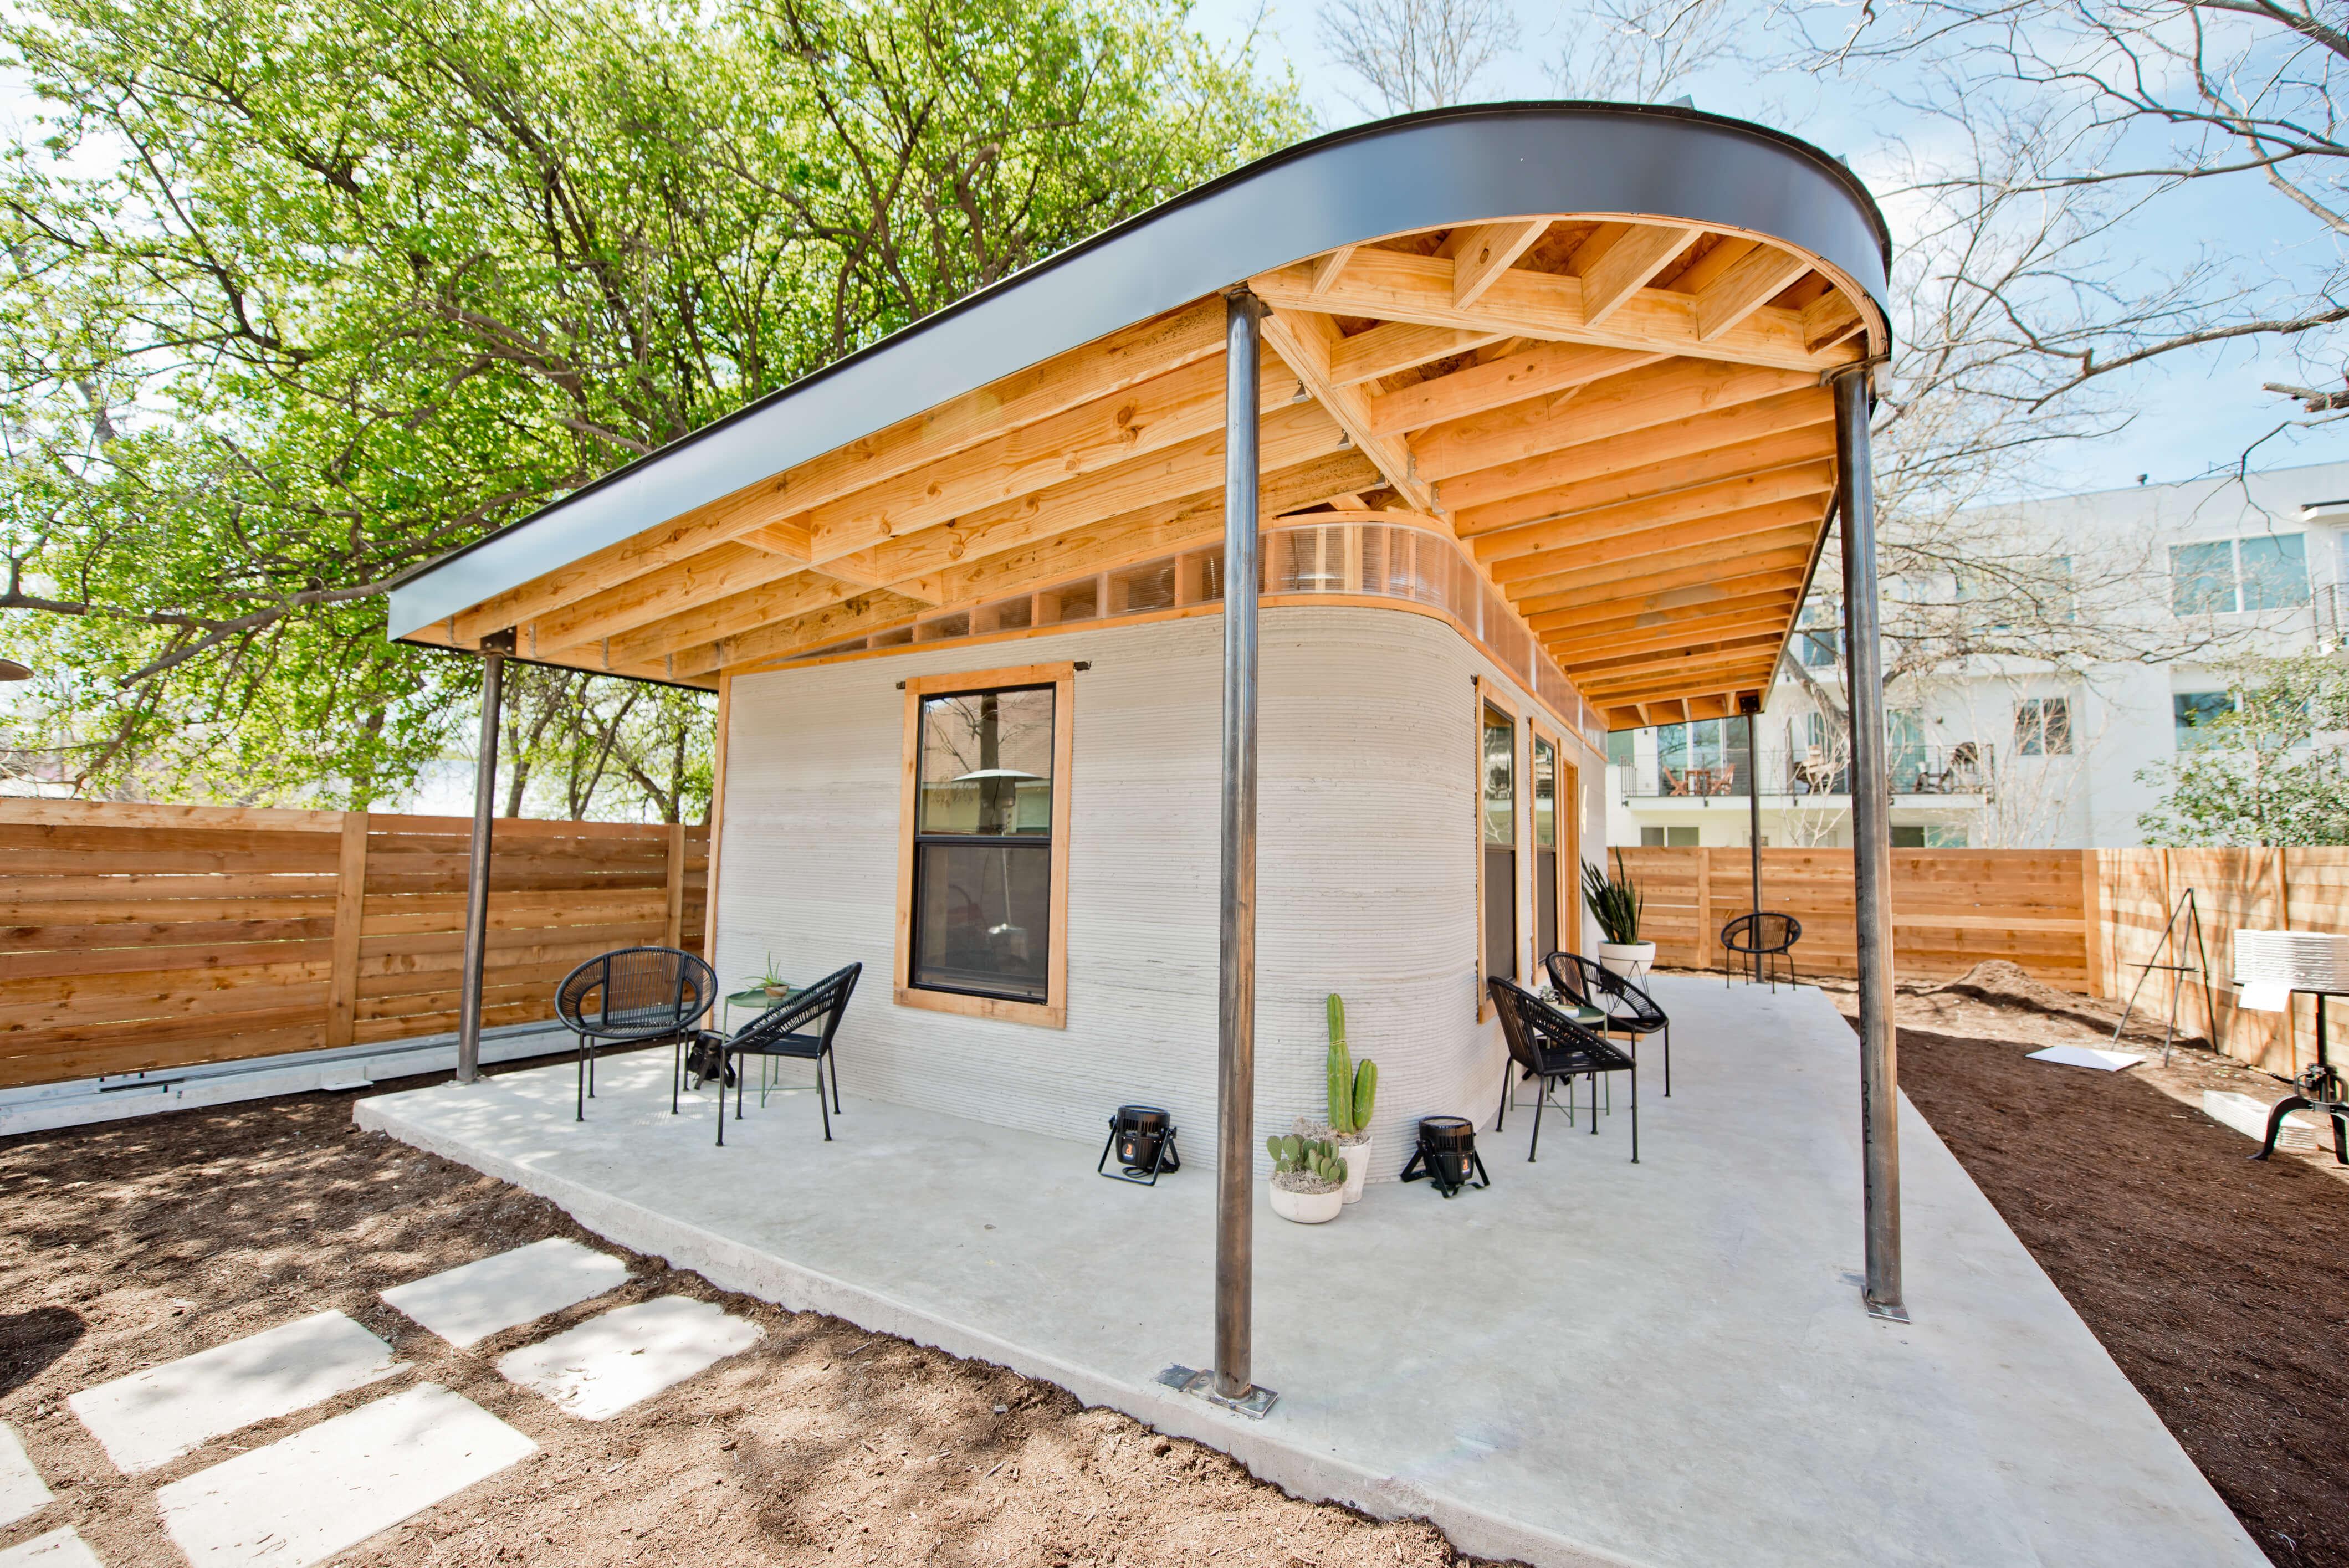 ساخت خانه های پرینت سه بعدی